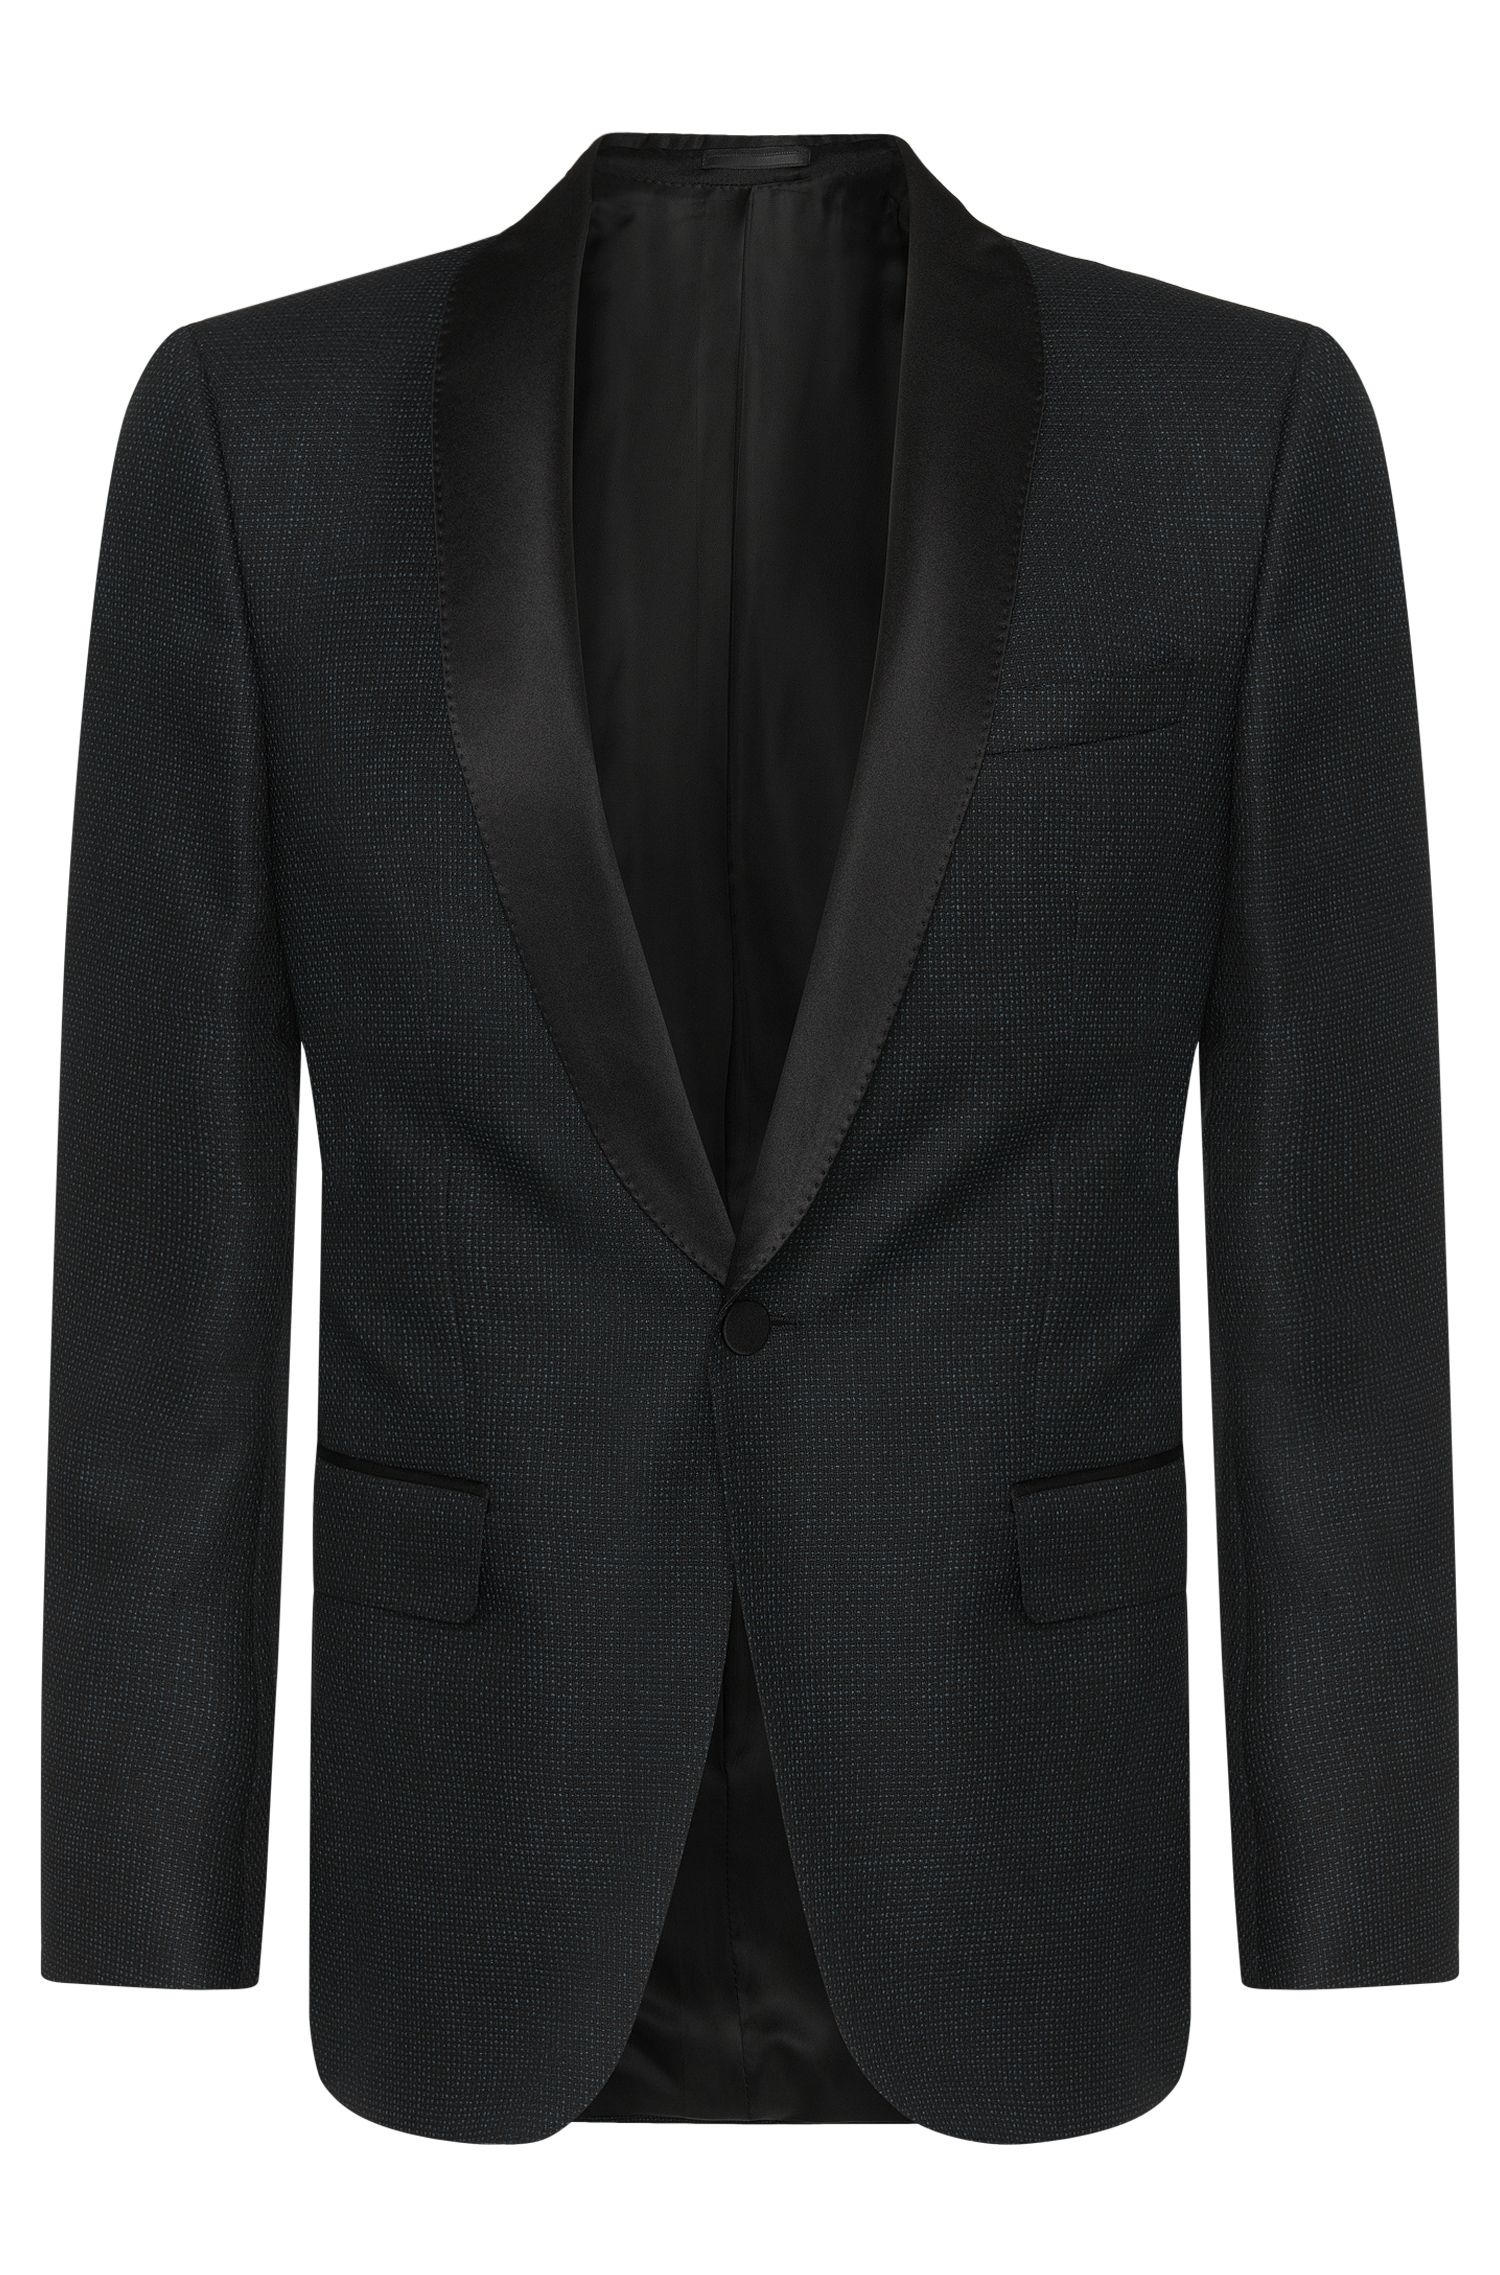 'Hockley' | Slim Fit, Italian Virgin Wool Blend Metallic Dinner Jacket